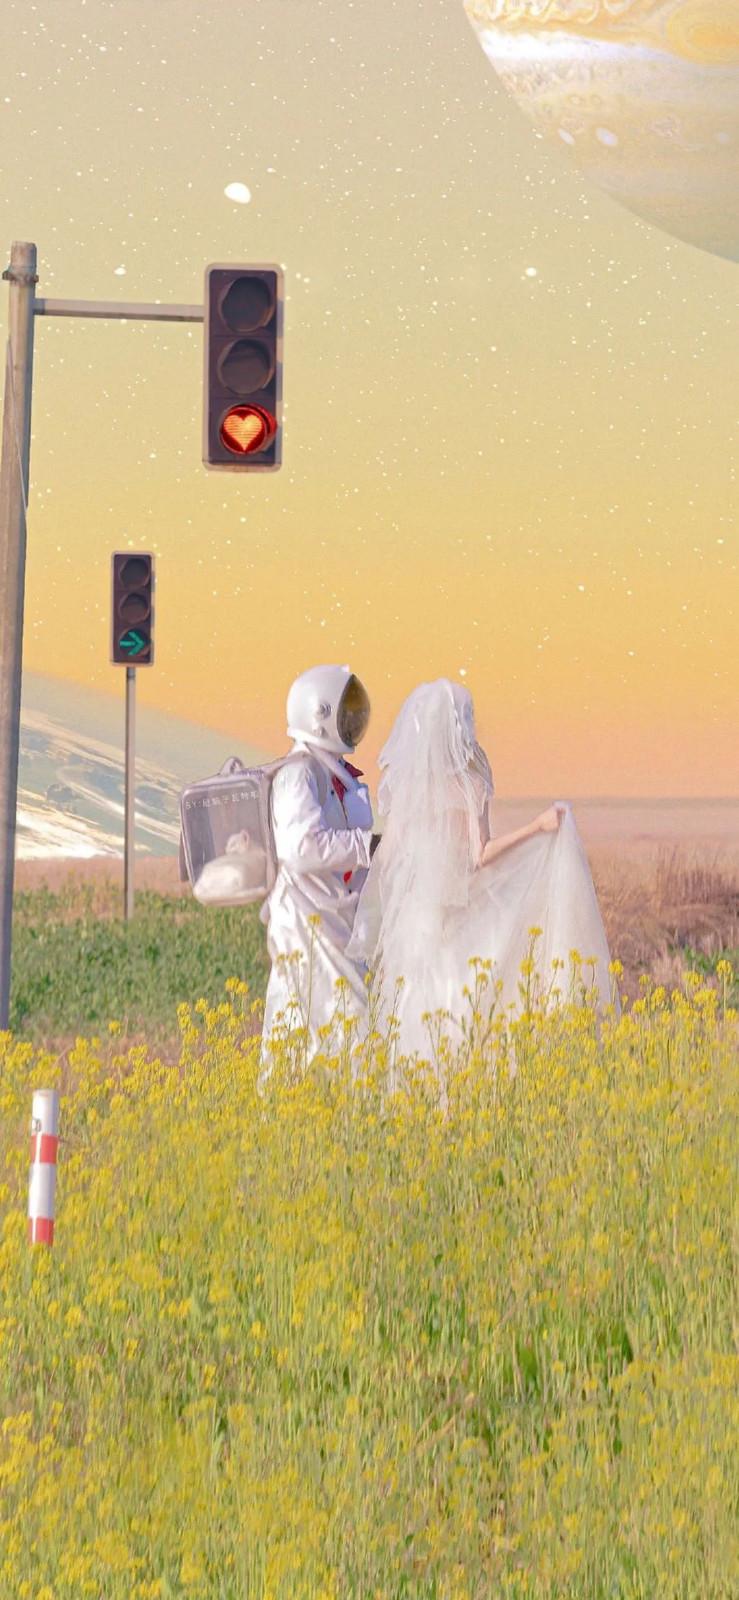 2021ins精选宇航员手机壁纸图片,来自宇宙的浪漫